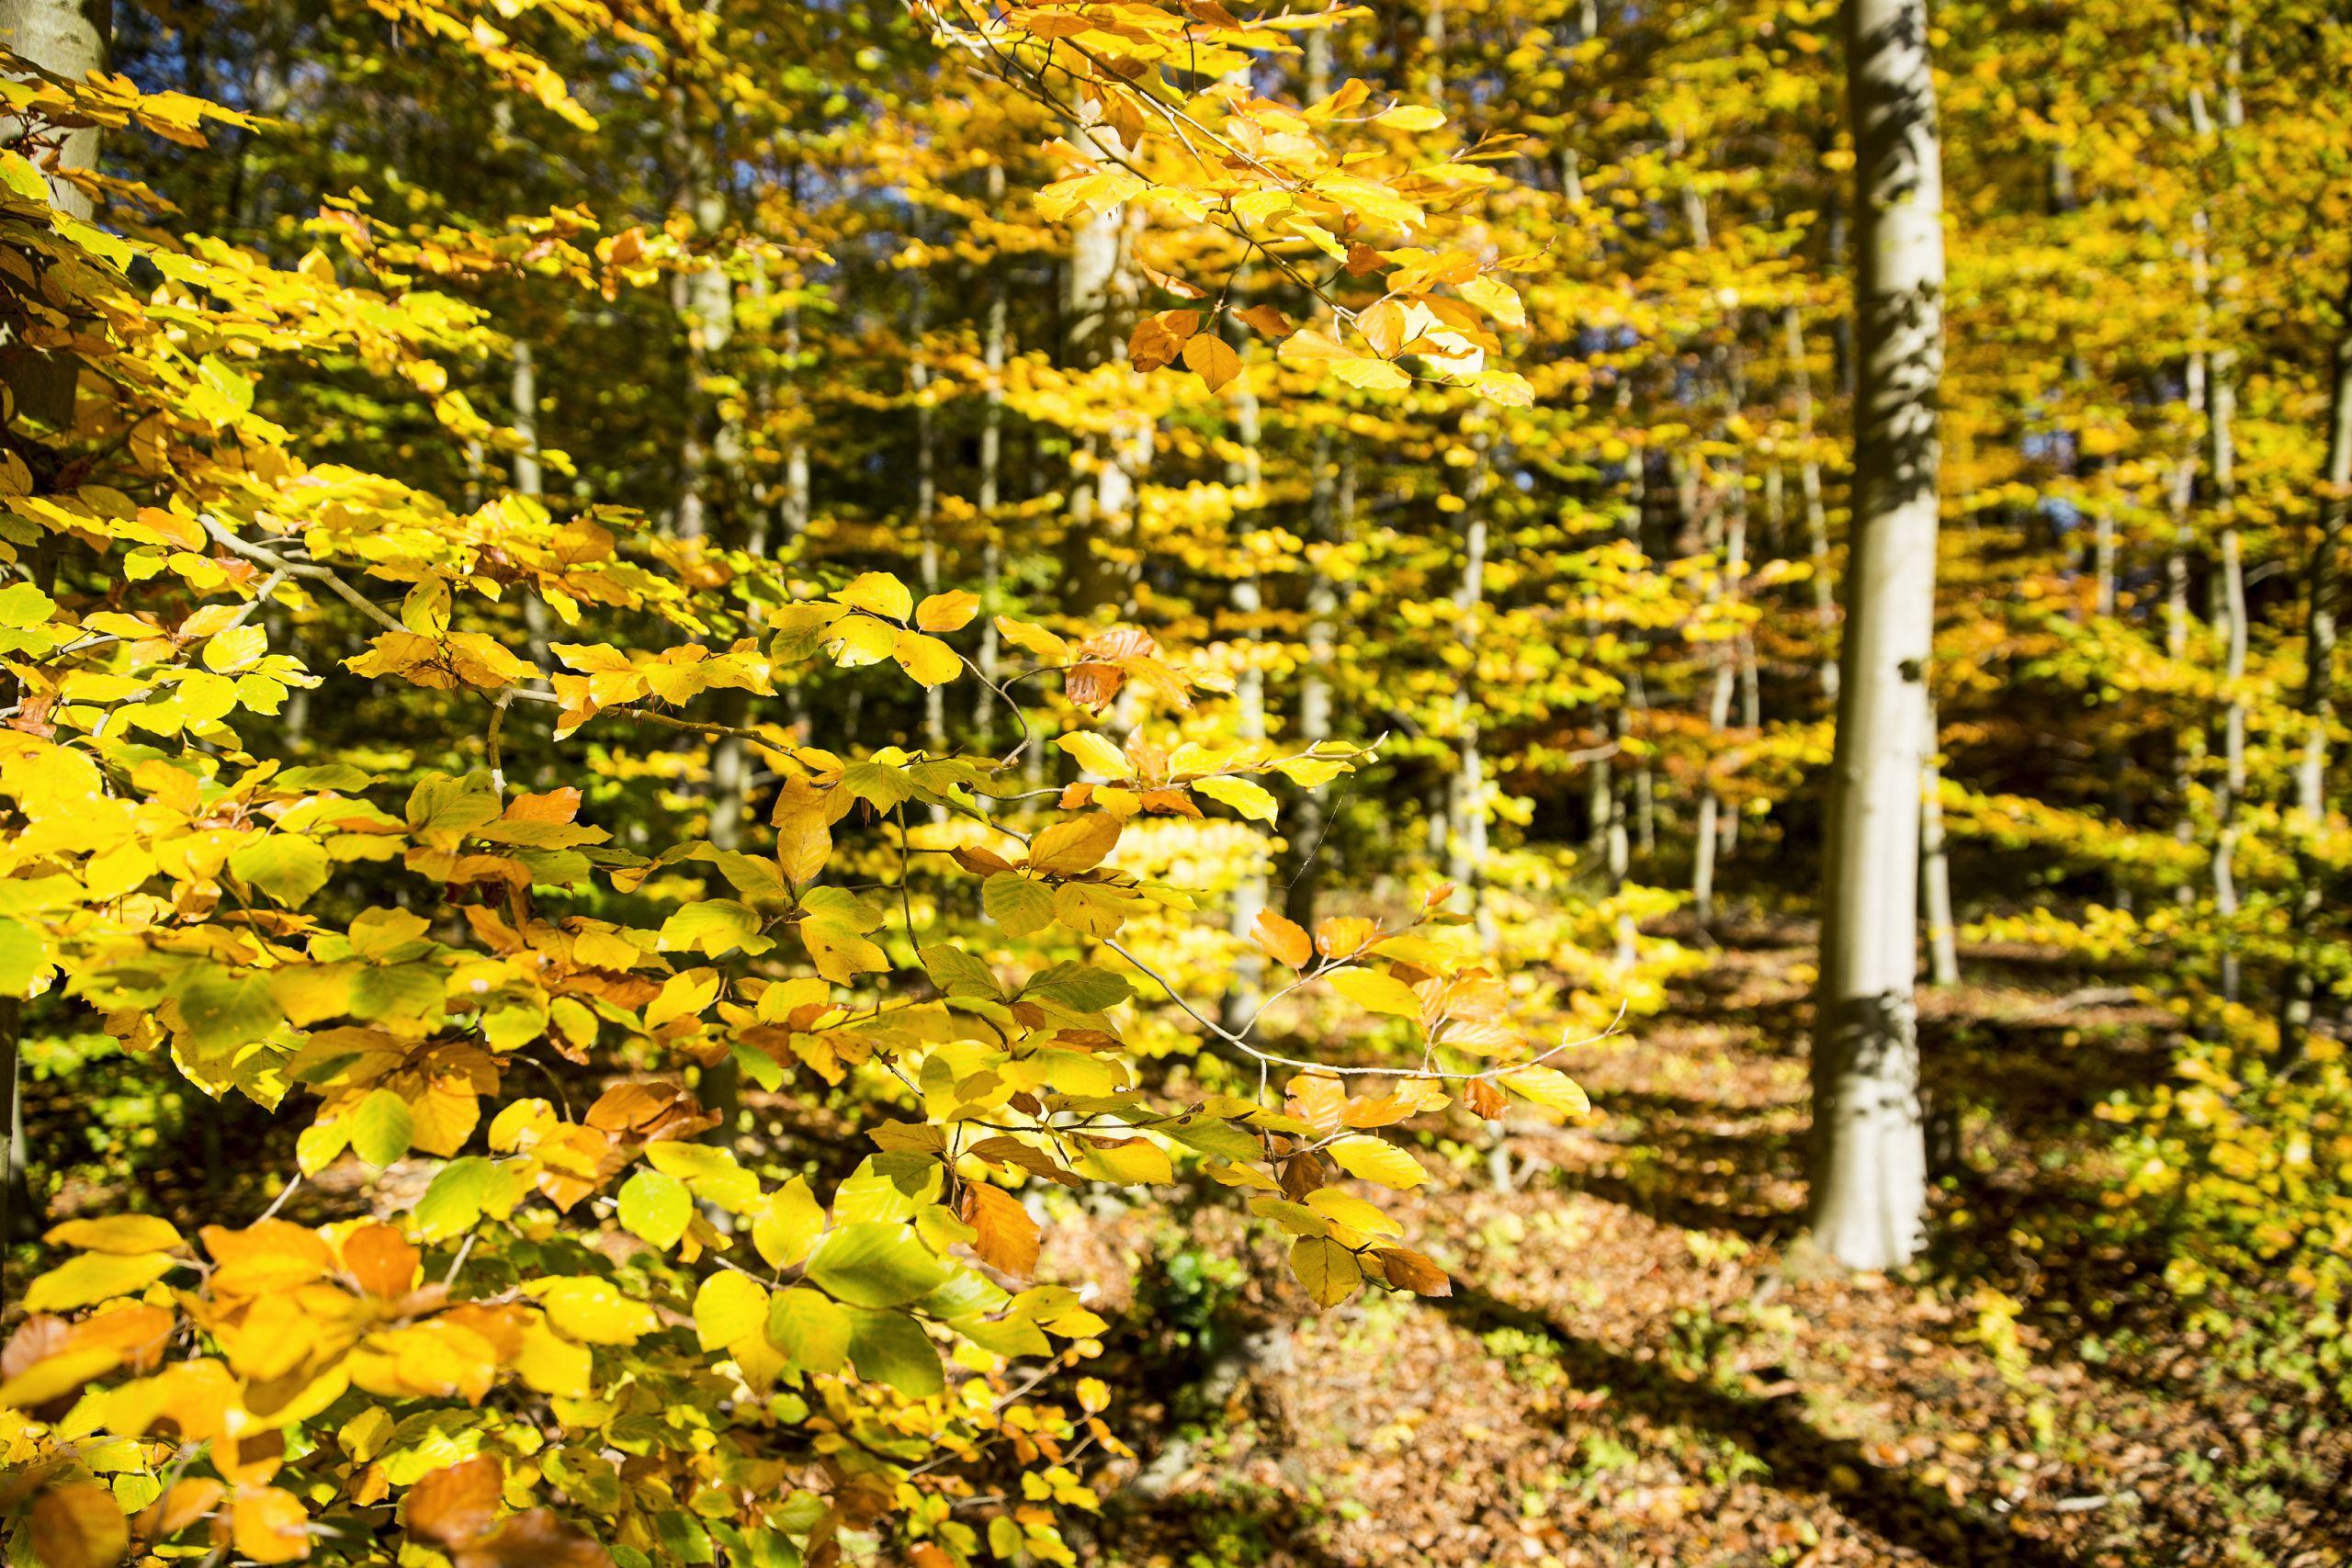 CEWE Fototipps Herbst 1 Fotovermerk CEWE